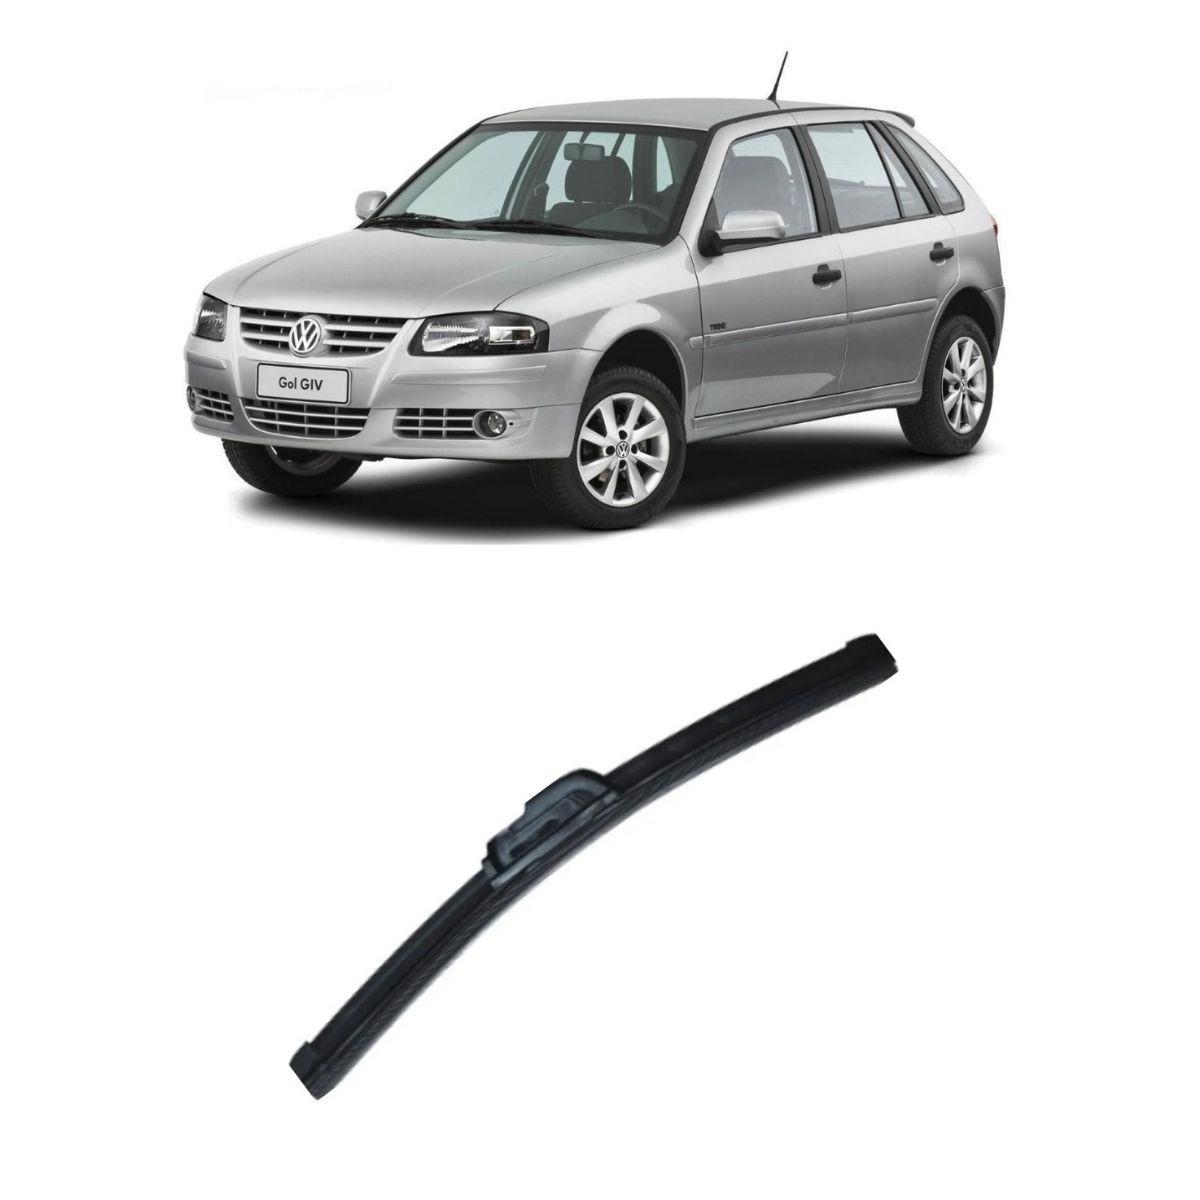 Palheta Dianteira Slim Clean 21'' Volkswagen Gol G4